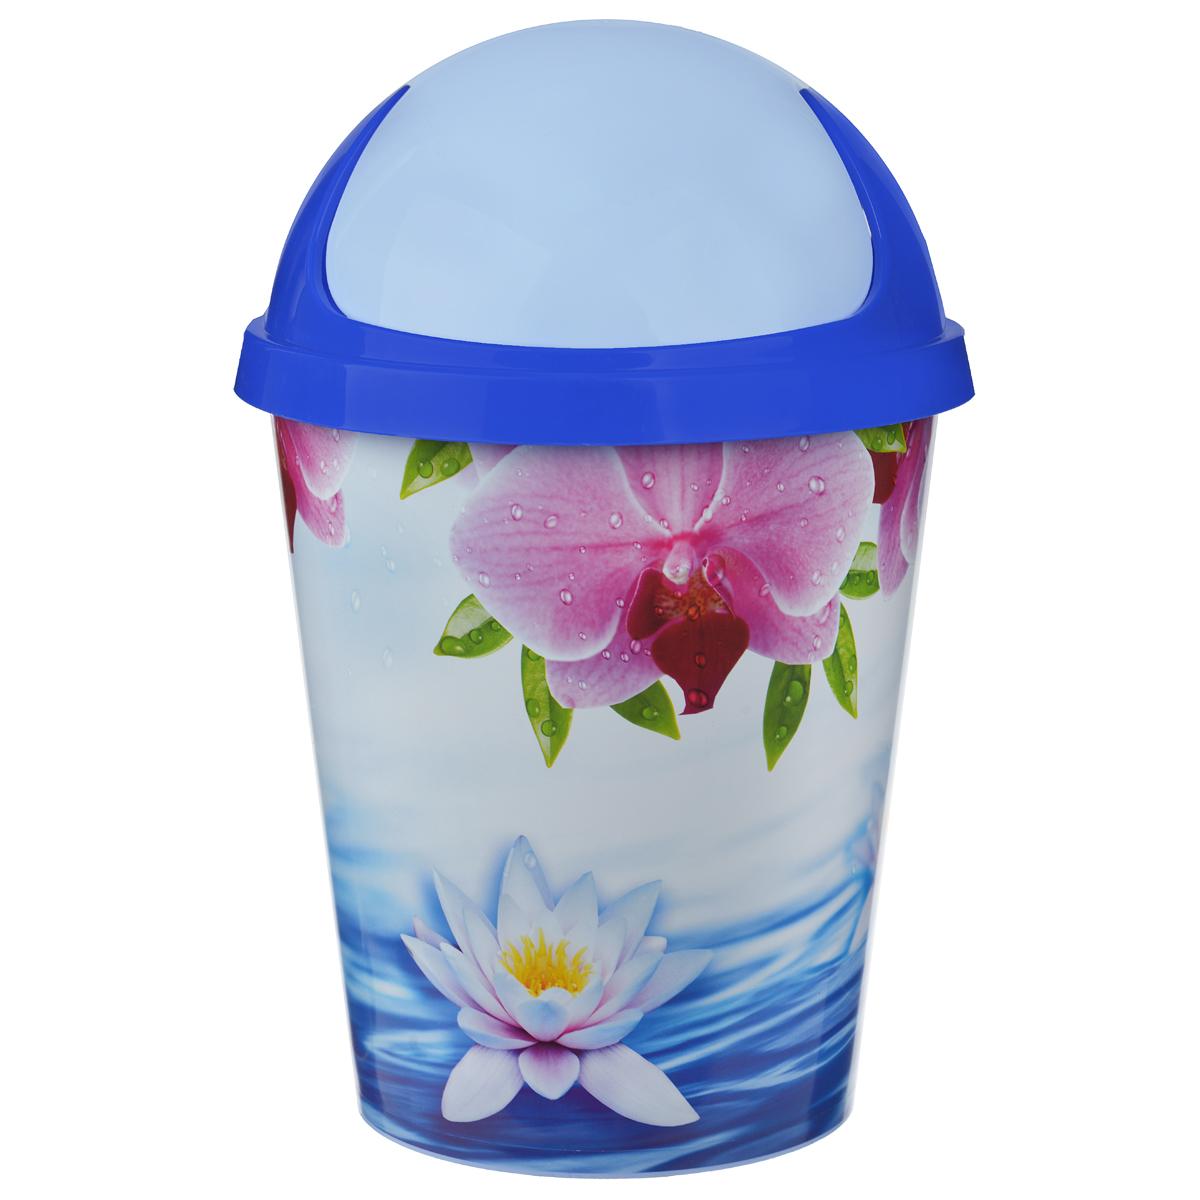 Контейнер для мусора Альтернатива Лотос, 10 л, 26,5 х 26,5 х 39 смМ1757Контейнер для мусора Альтернатива Лотос выполнен из пластика. Такой аксессуар очень удобен в использовании, как дома, так и в офисе. Оснащен крышкой.Размер контейнера (с учетом крышки): 26,5 см х 26,5 см х 39 см.Размер контейнера (без учета крышки): 26,5 см х 26,5 см х 29 см.